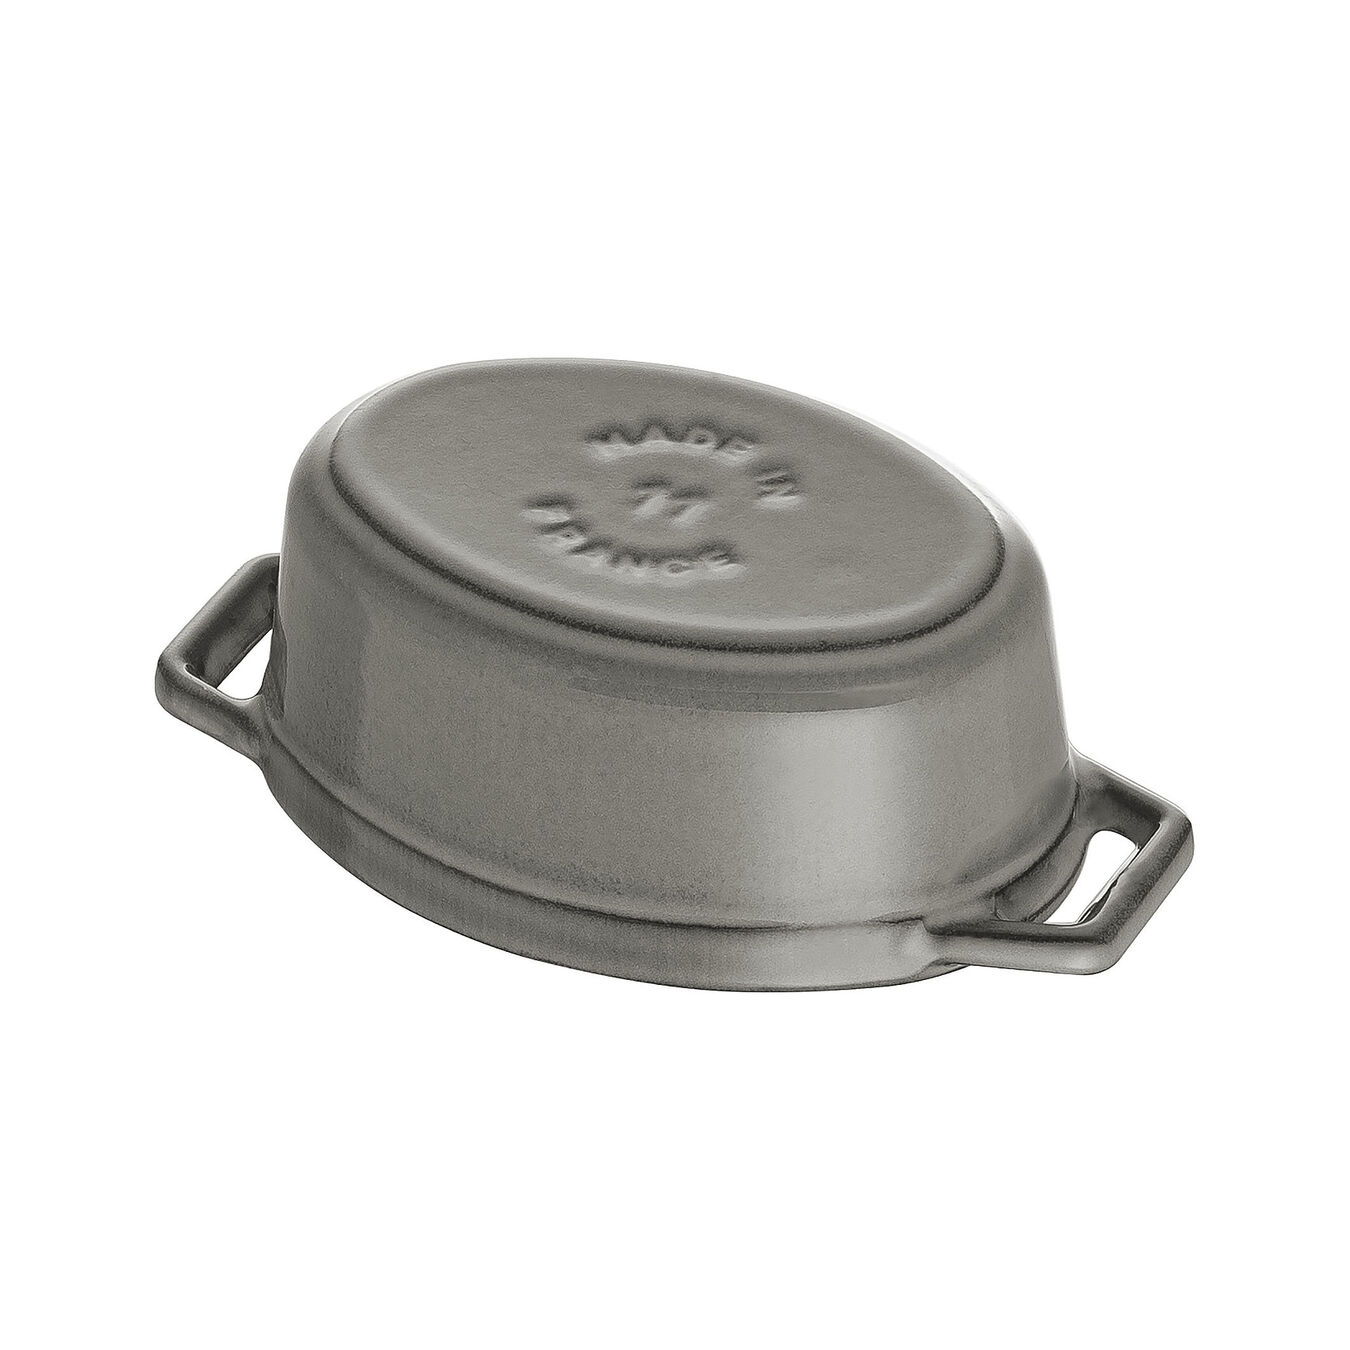 Mini Cocotte 11 cm, Ovale, Gris graphite, Fonte,,large 4